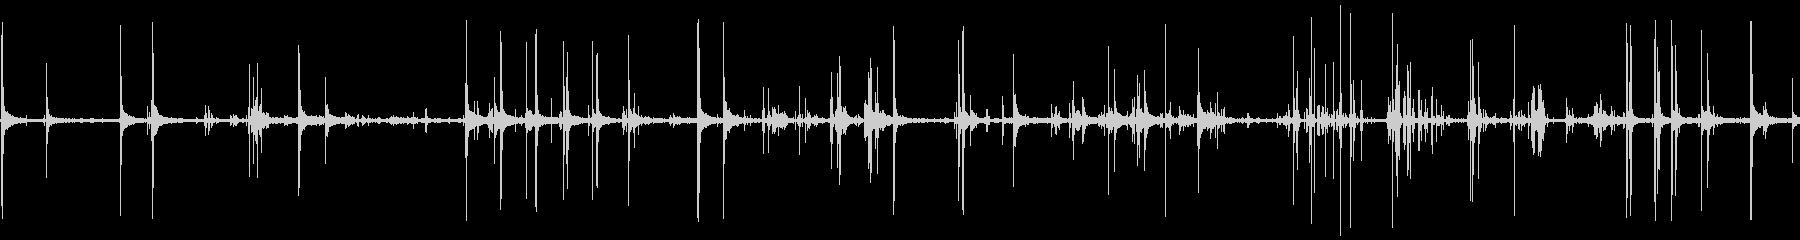 ジムメタルクランクの未再生の波形